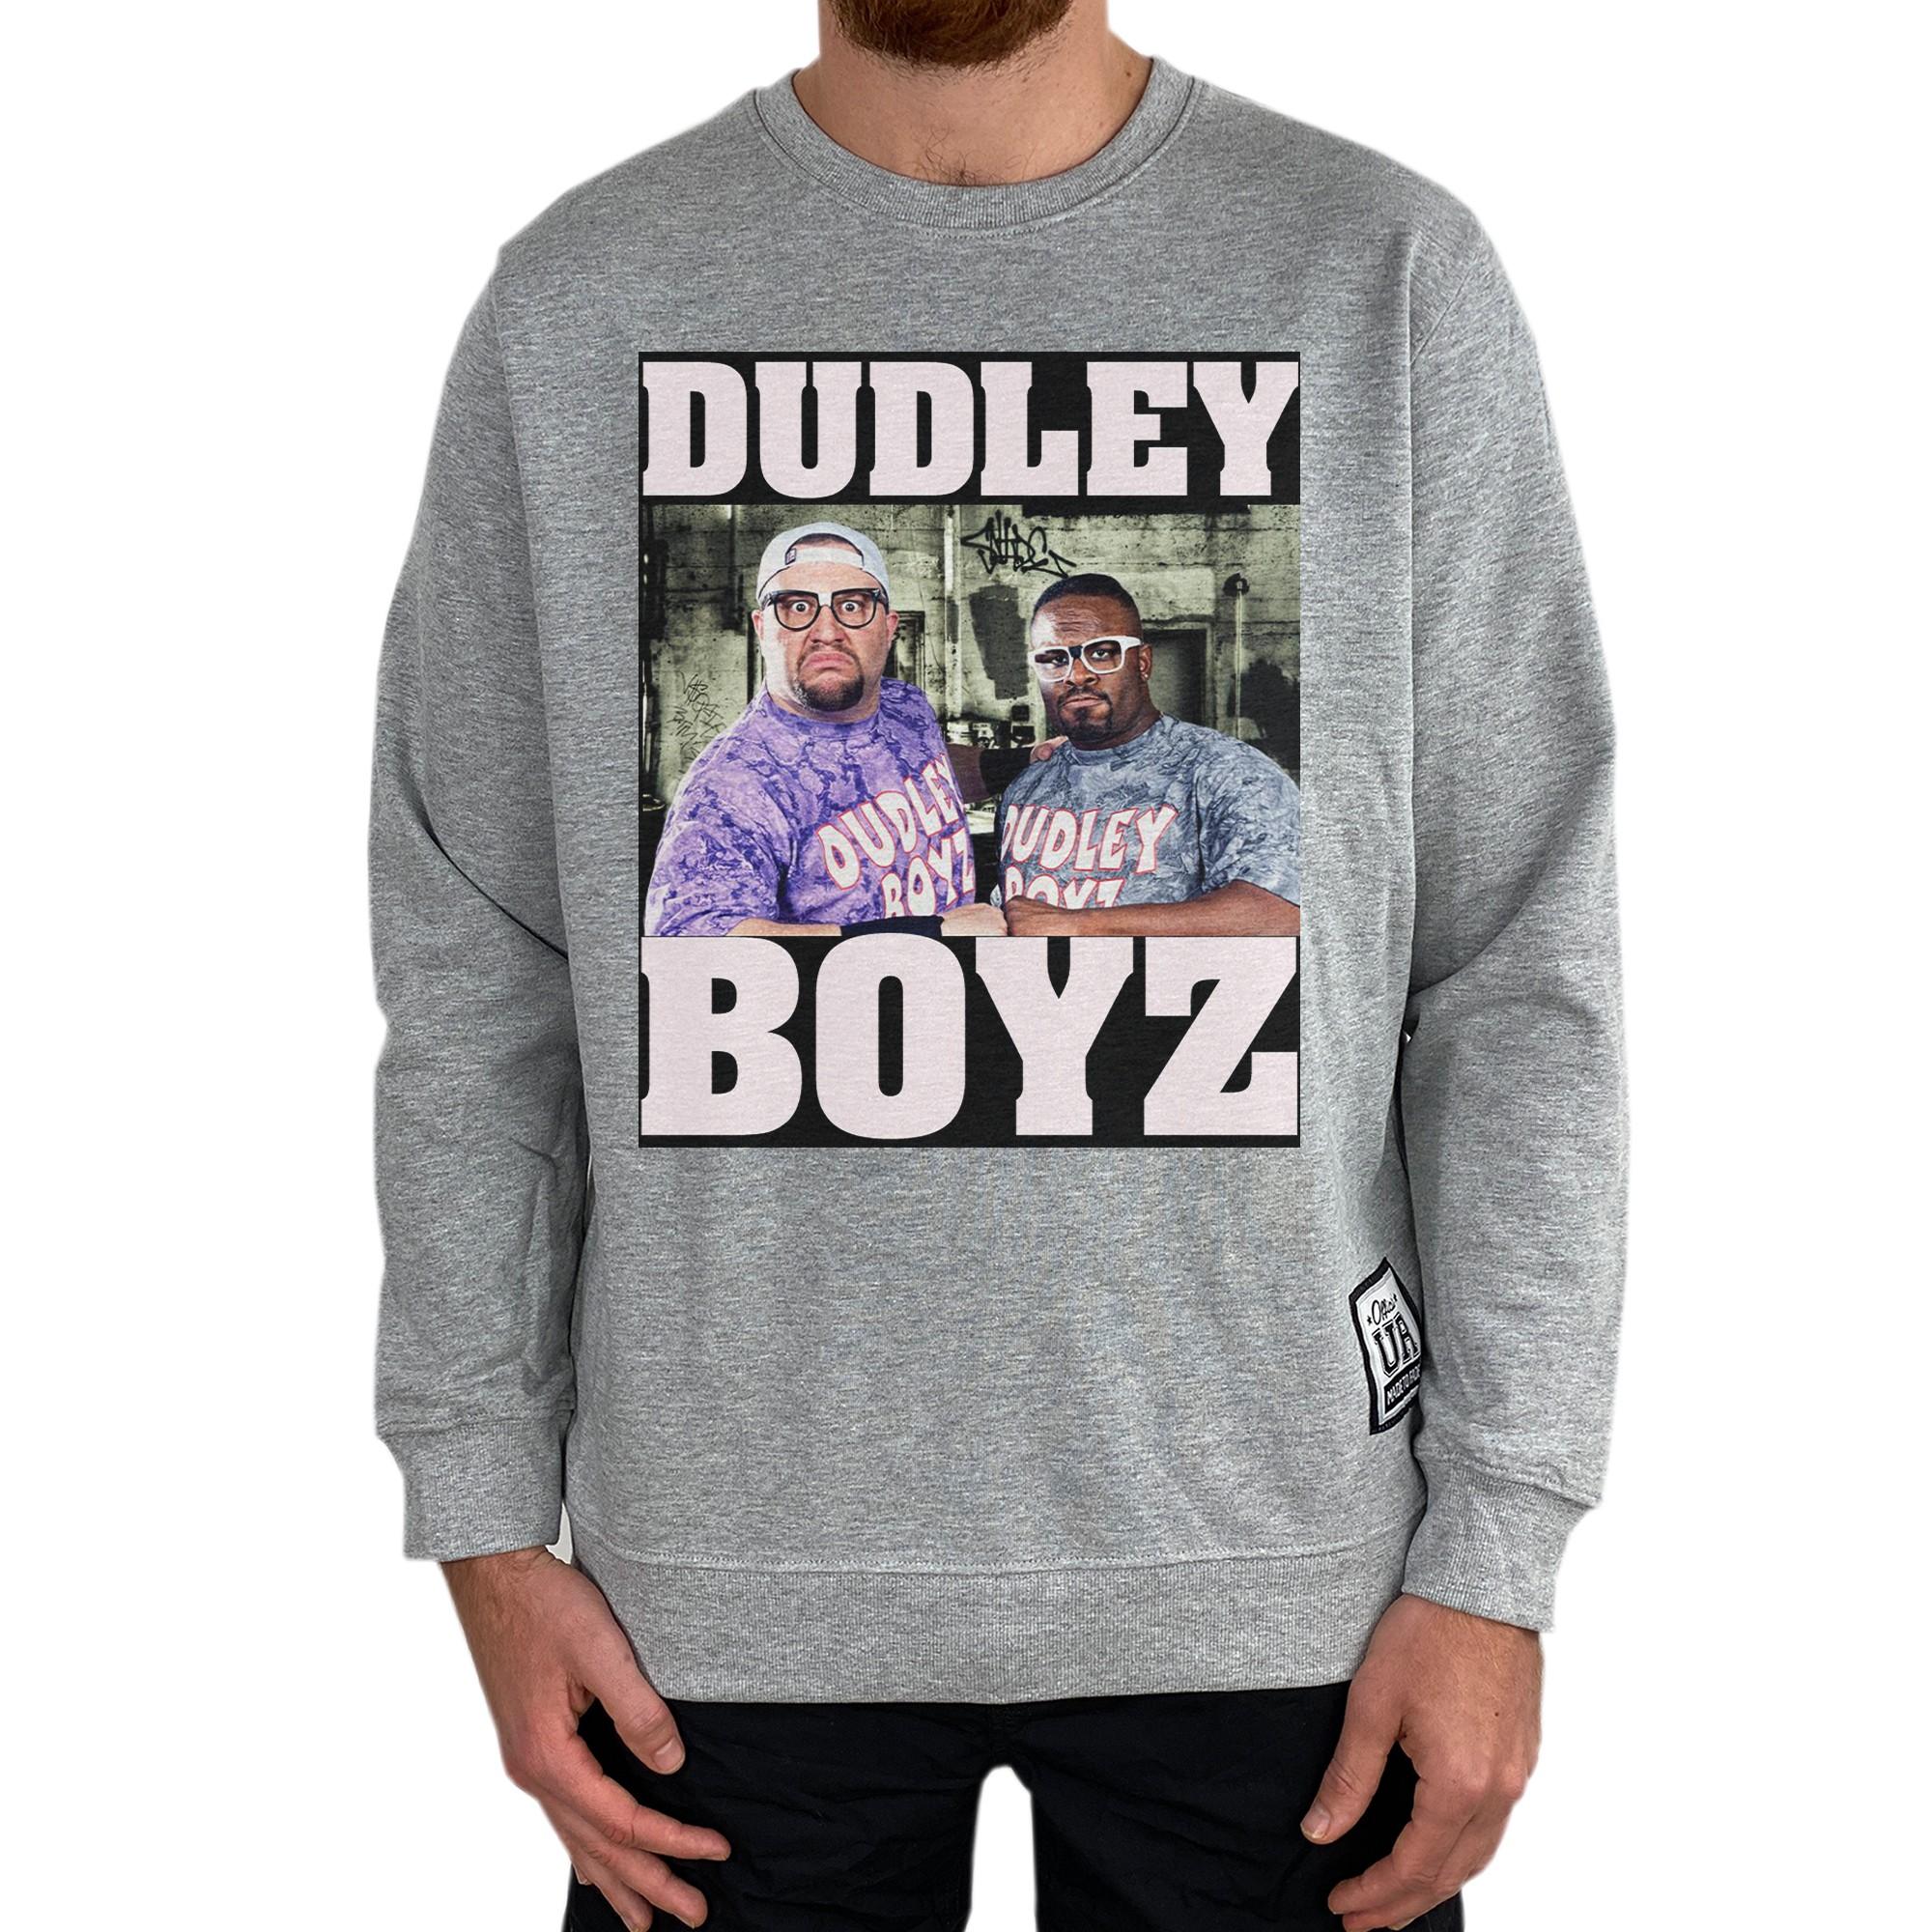 DUDLEY BOYZ MARBLE GREY CREW